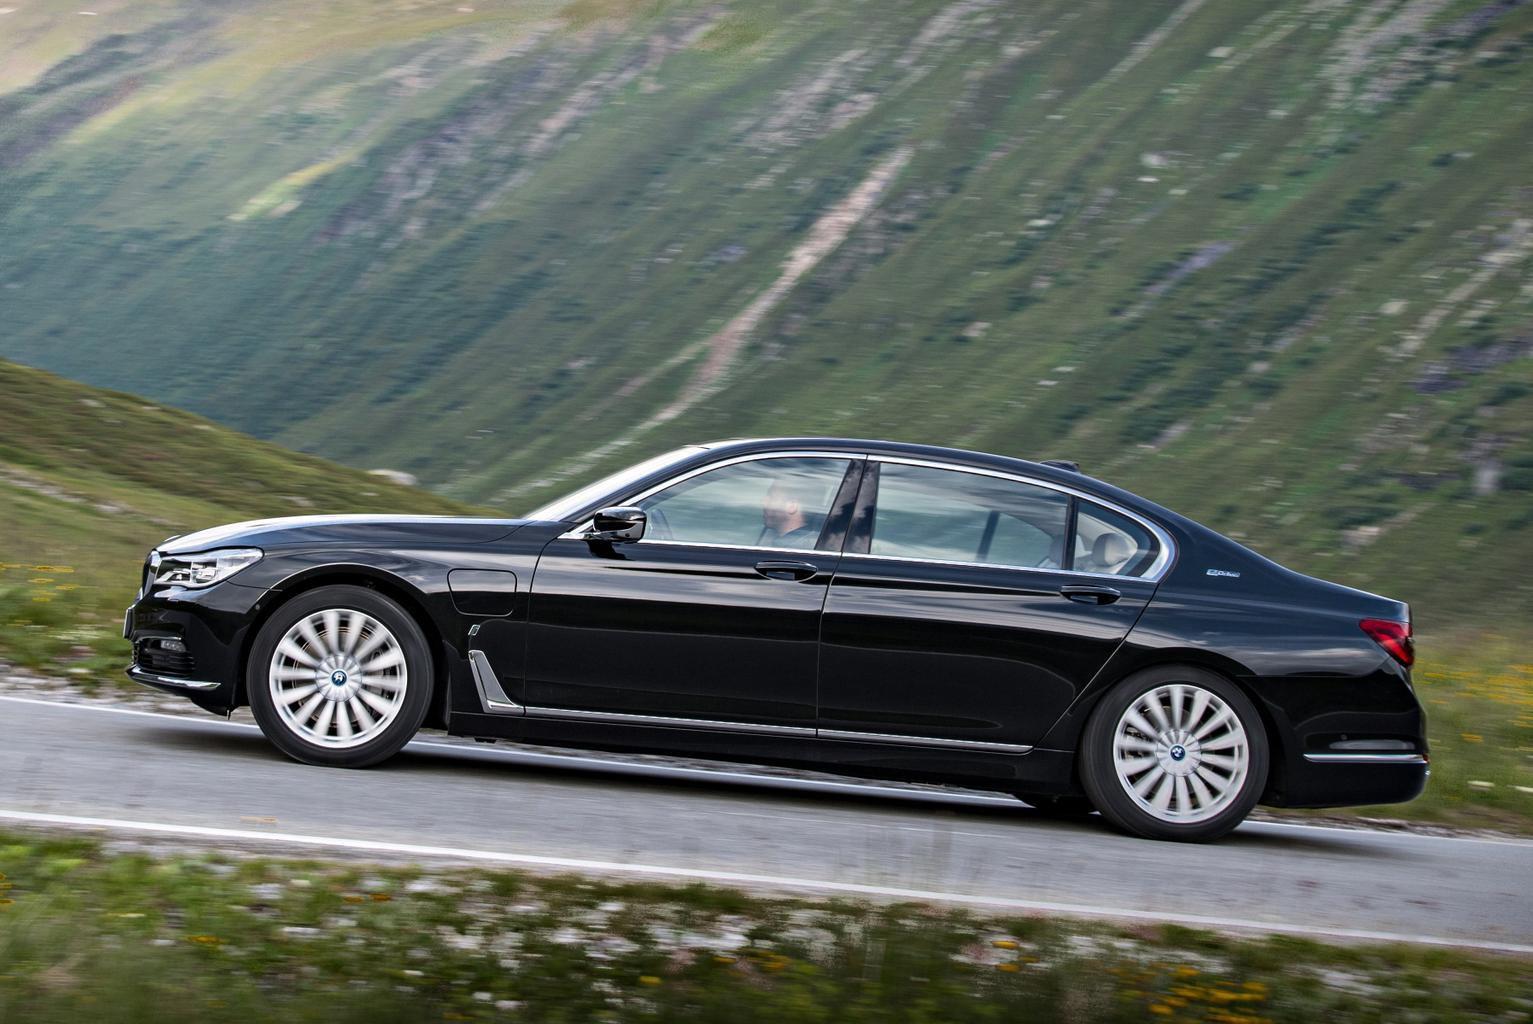 2016 BMW 740Le xDrive review